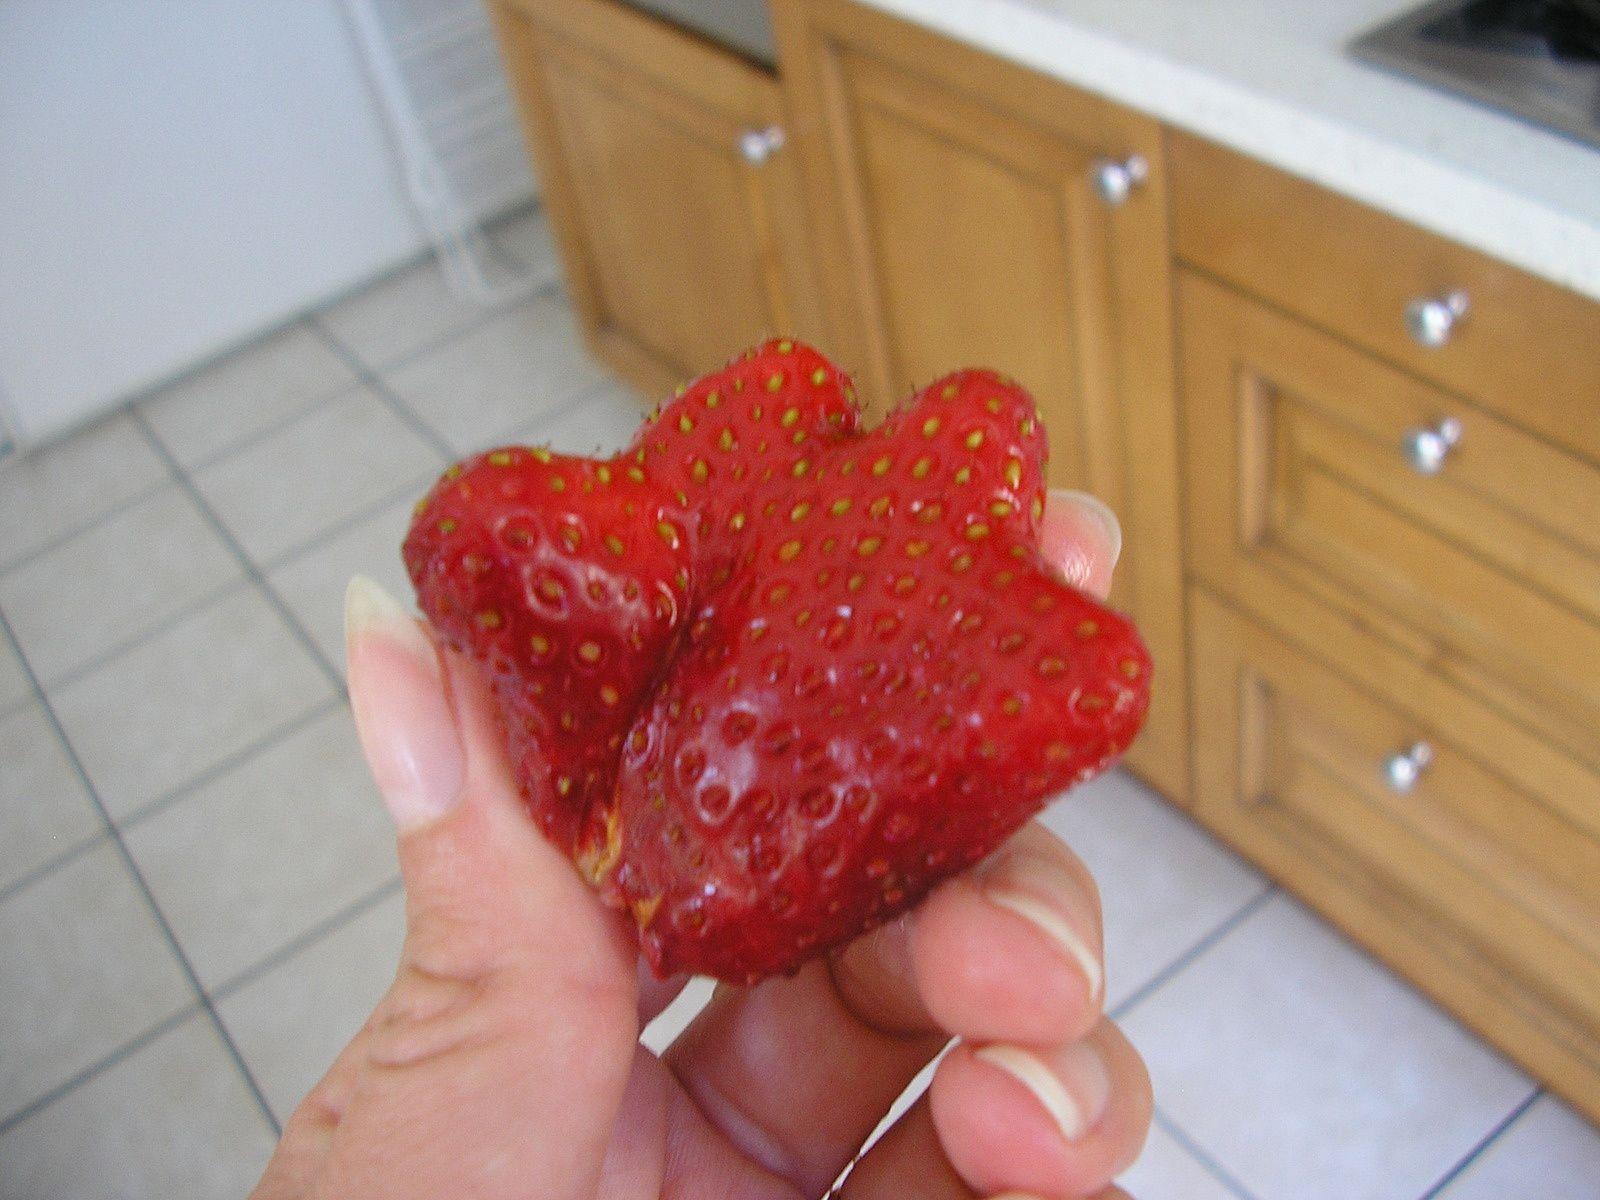 Drôle de fraise!